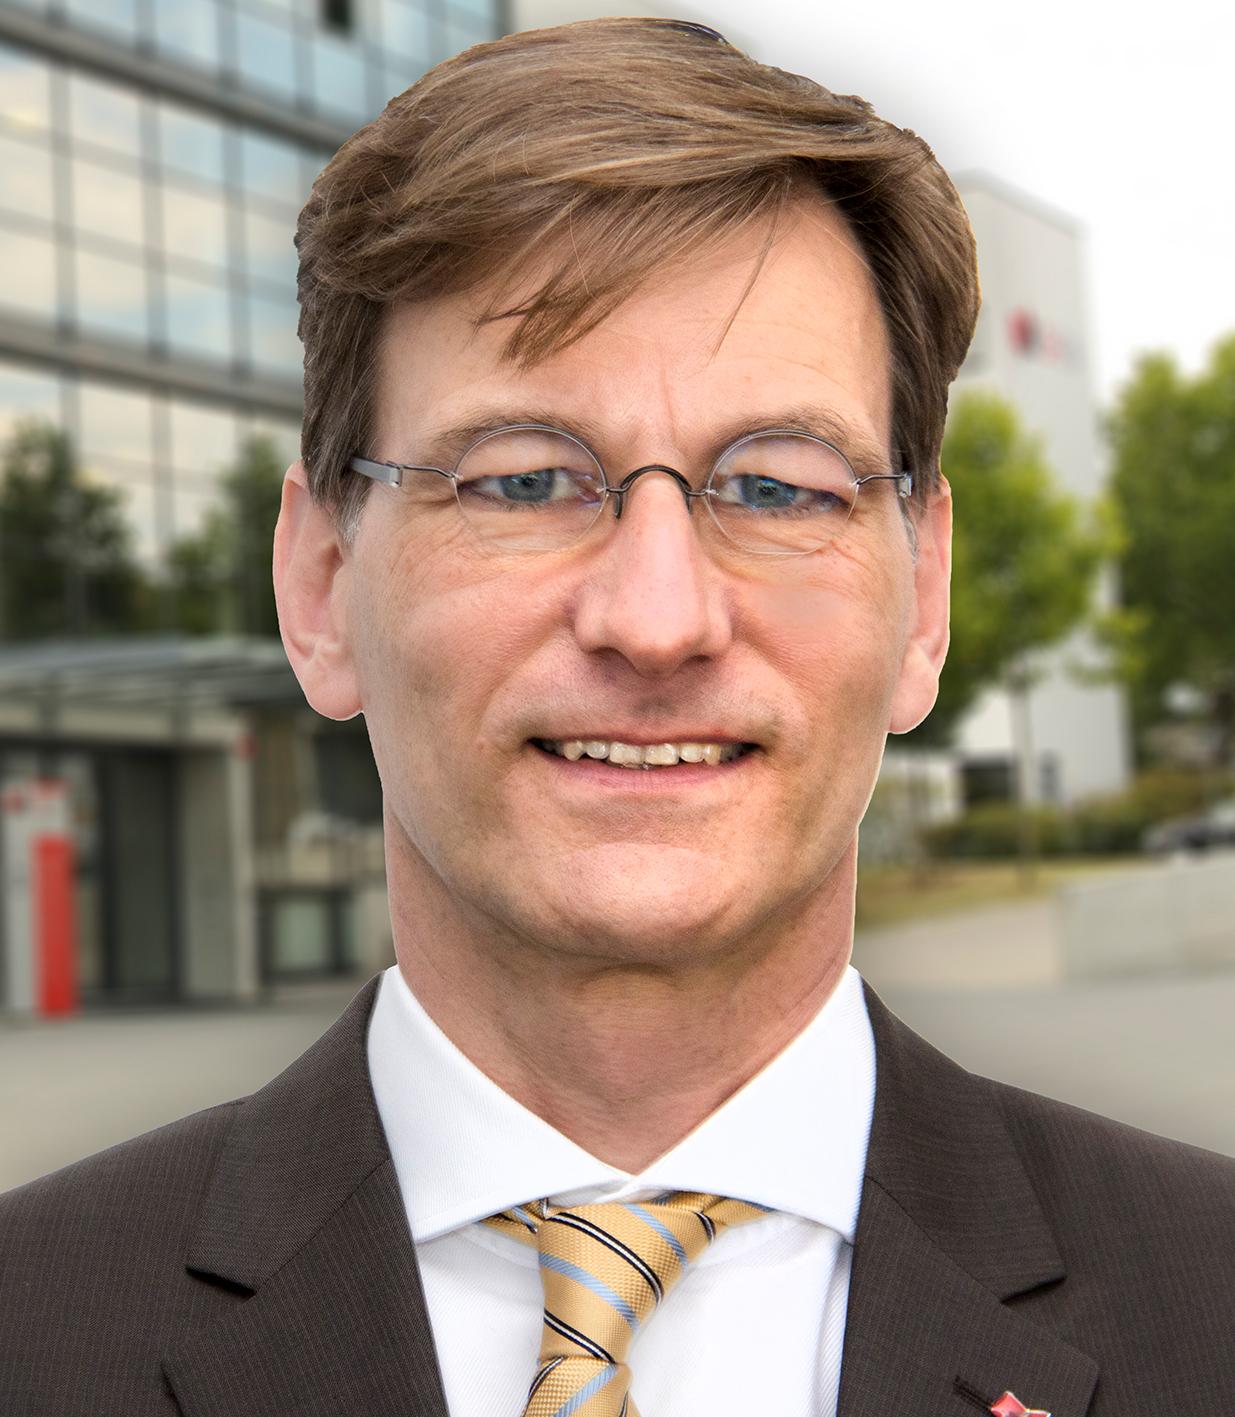 Prof. Dr. Stefan Hilbert